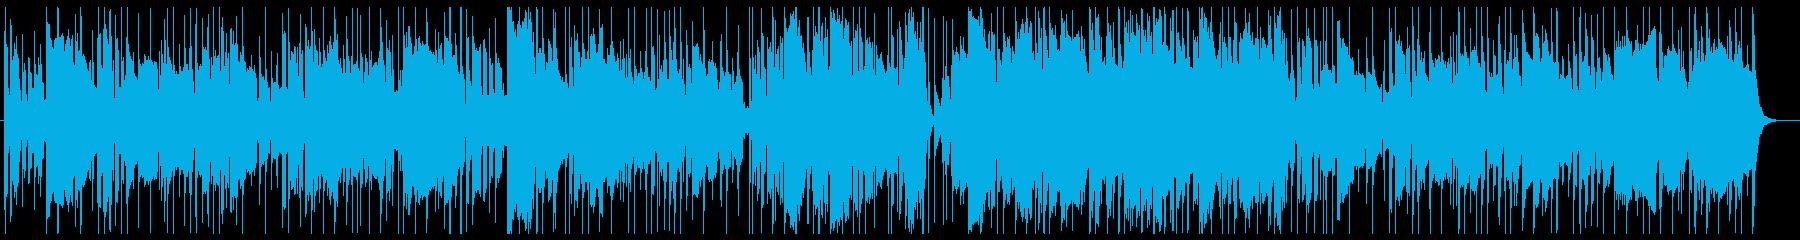 簡単でメロディックな滑らかなジャズ...の再生済みの波形